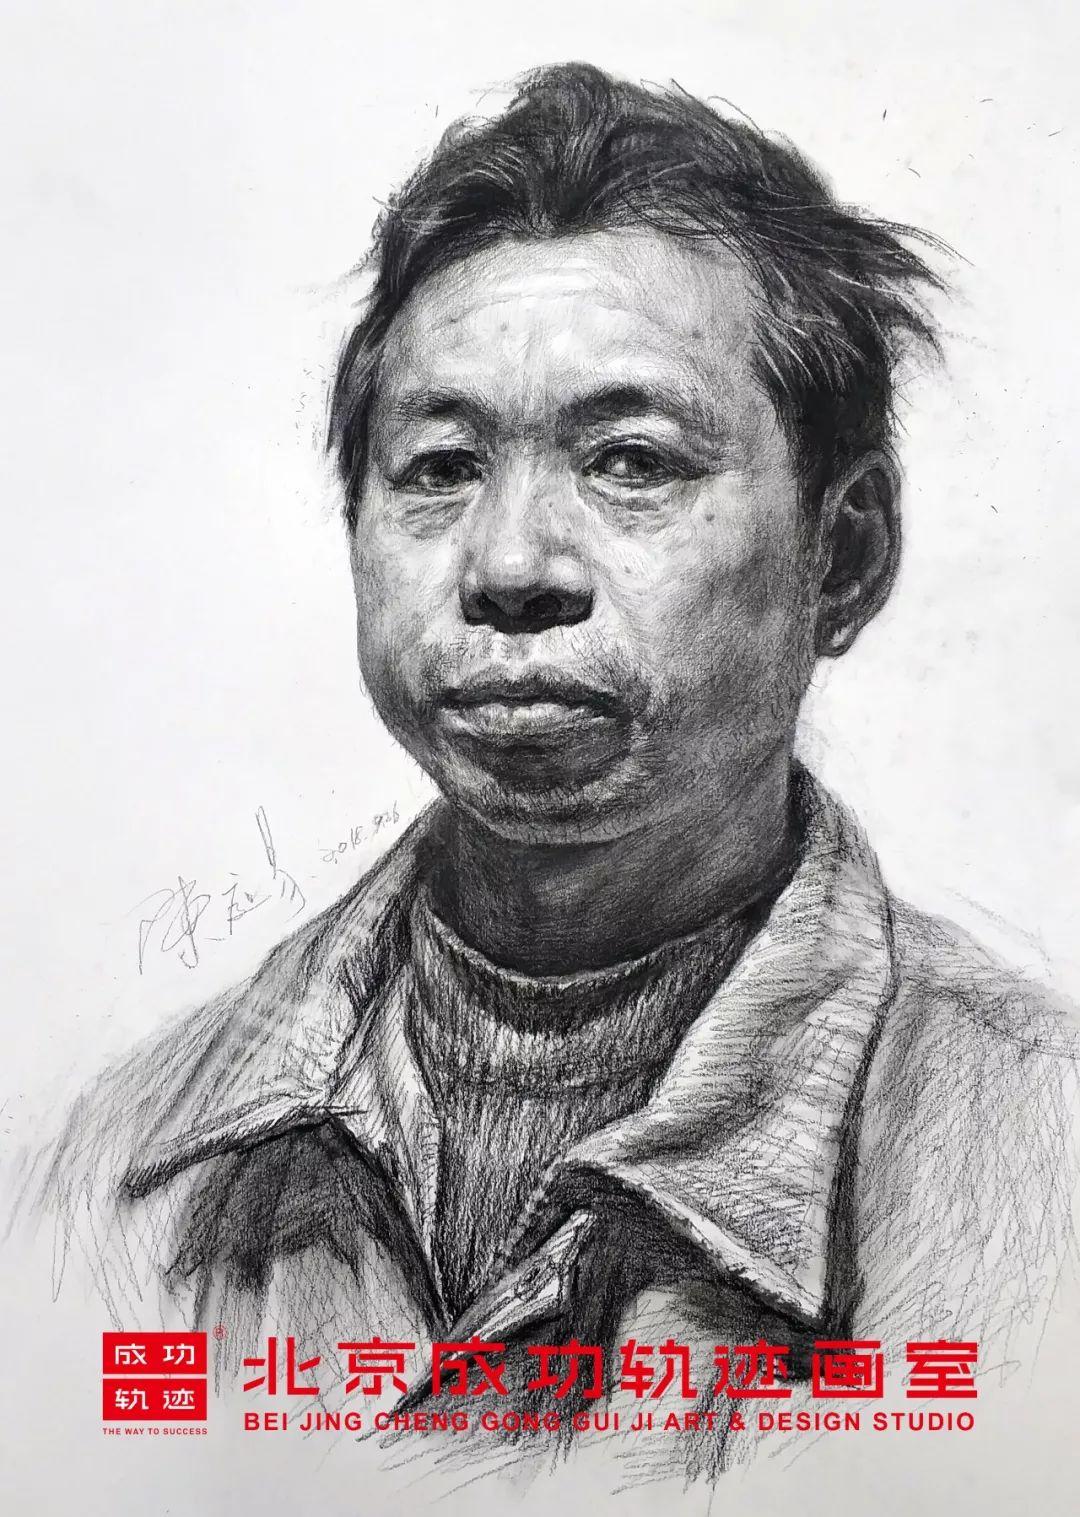 【成功轨迹直播课堂】带你解密联考素描头像,北京画室,北京美术培训    08